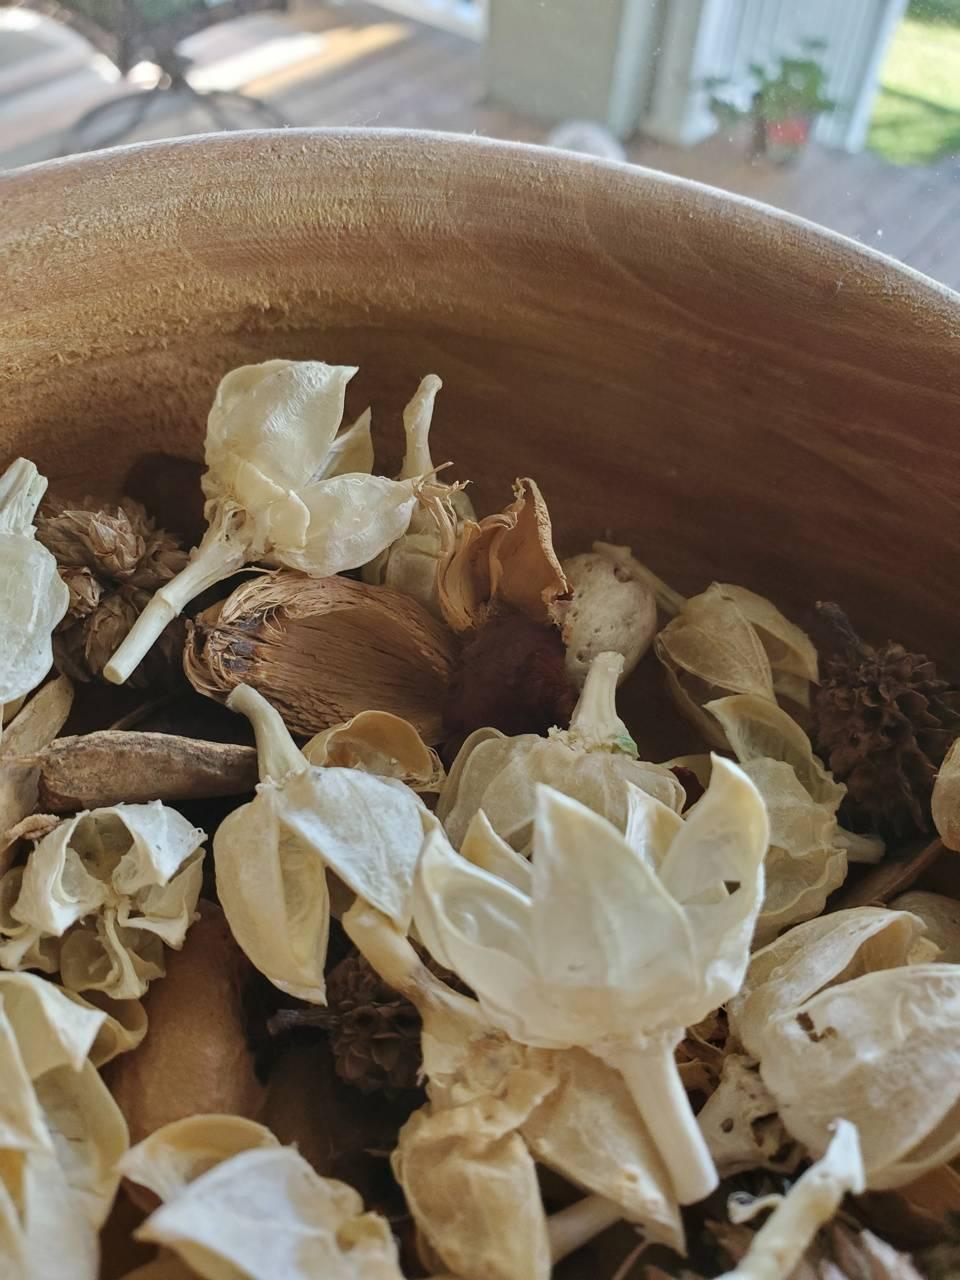 Flowered pot